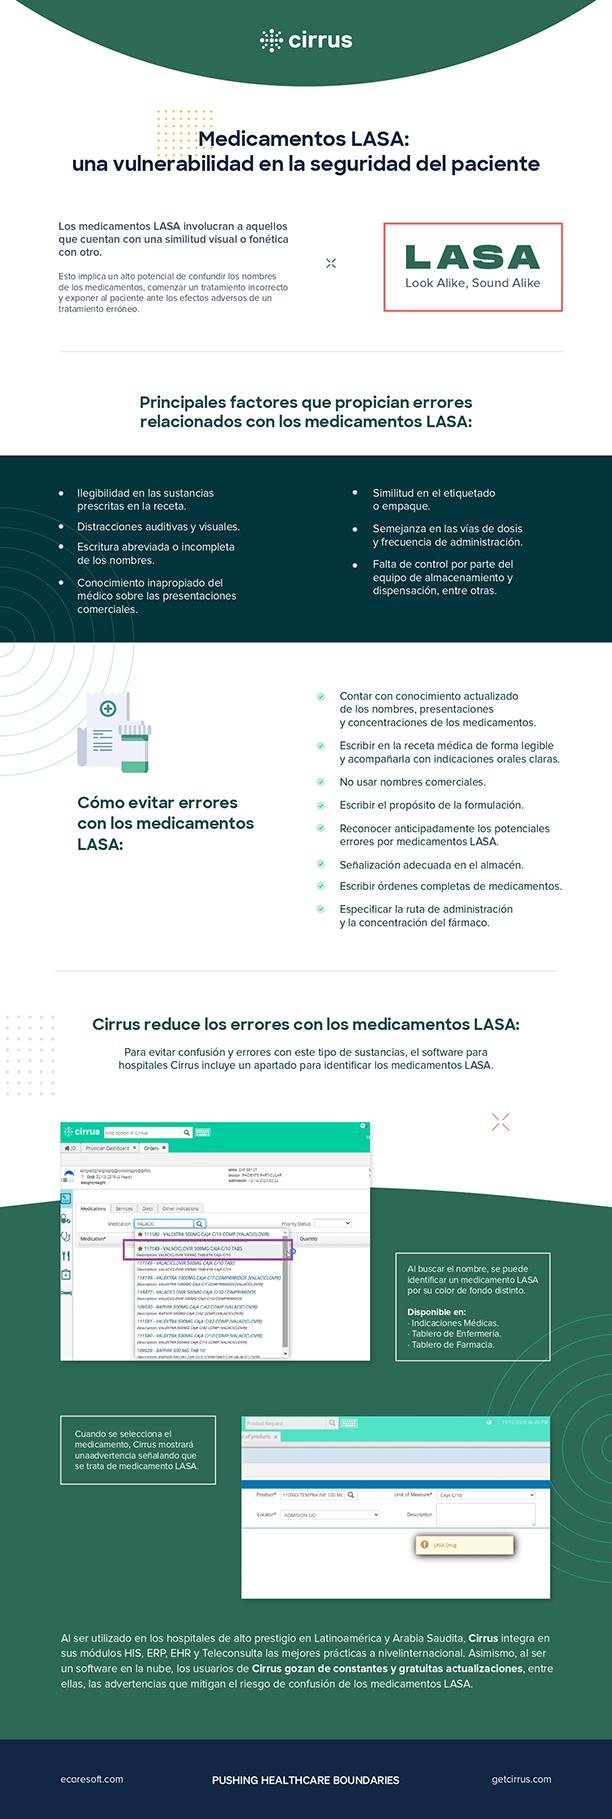 Infografía de los medicamentos LASA (Look-Alike Sound-Alike) y la manera en que el software para hospitales Cirrus resuelve esta problemática